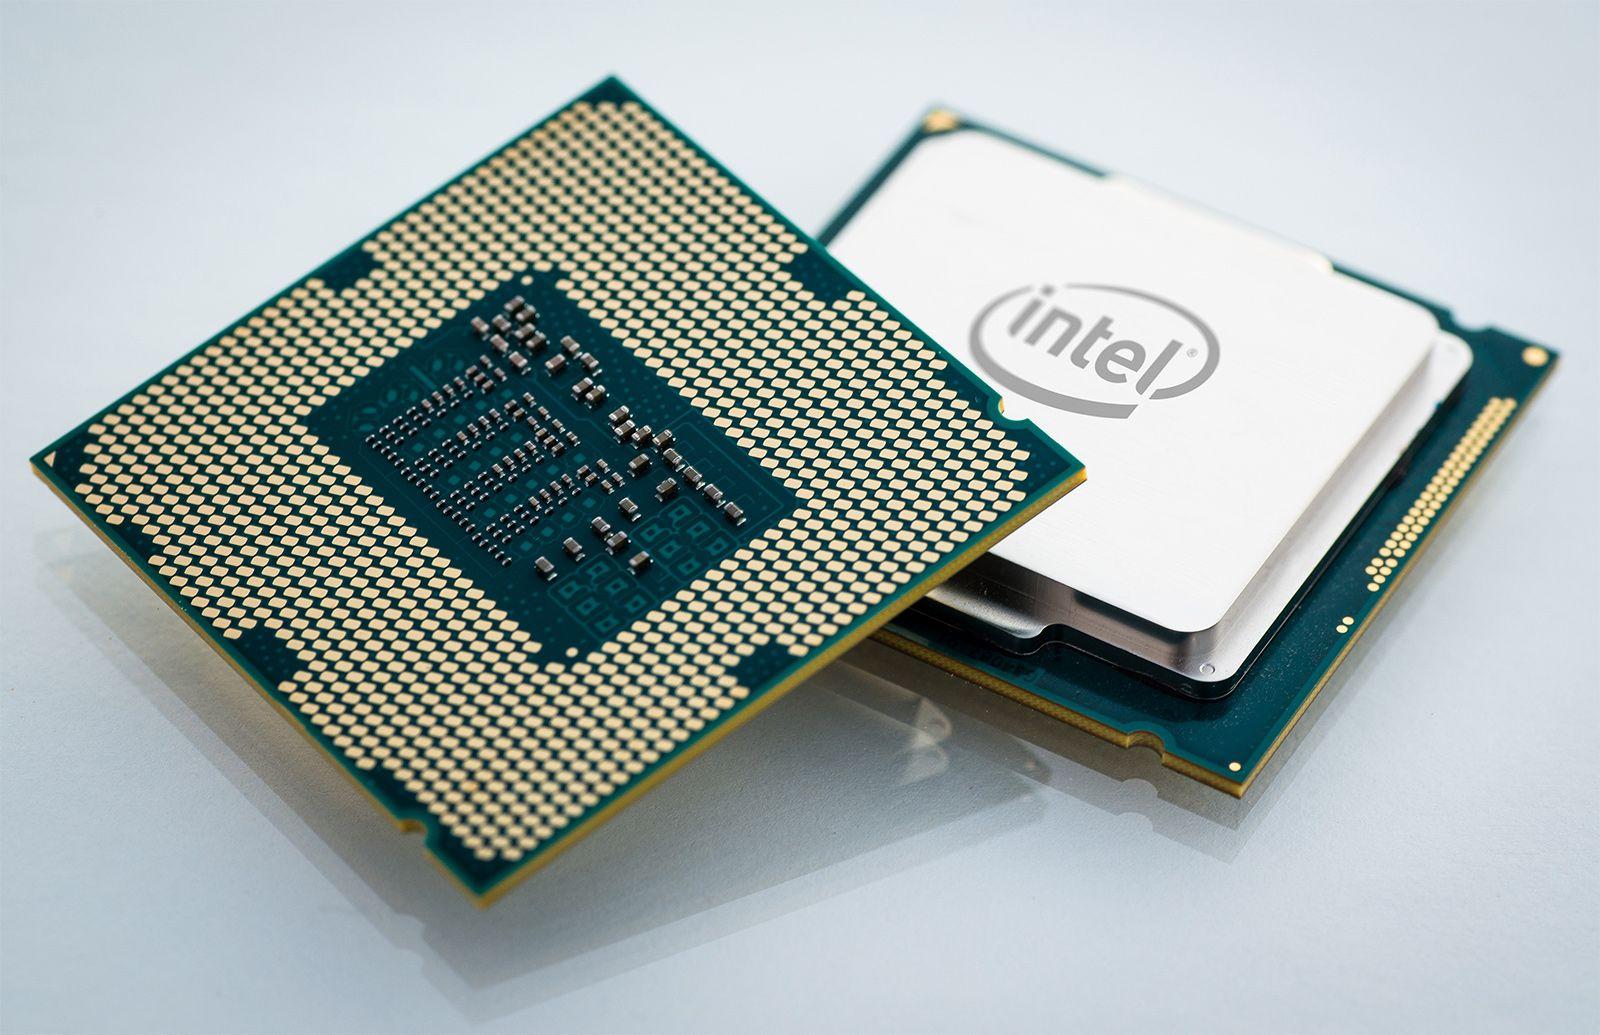 Posibles especificaciones de los Core i7 6700K y Core i5 6600K